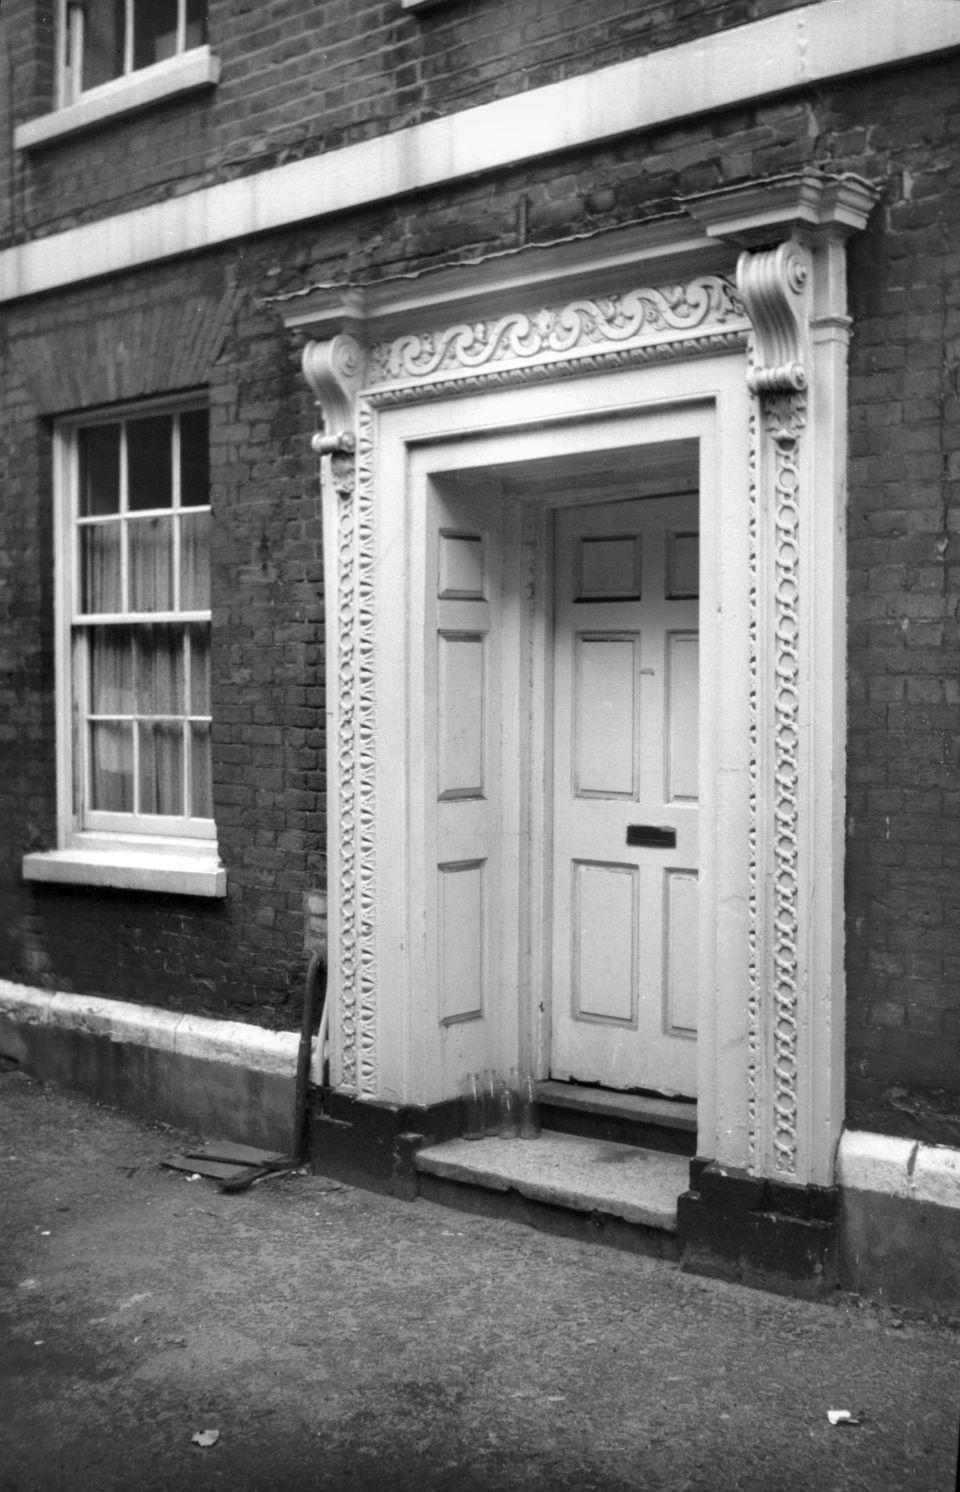 Crown Rd 34 Georgian doorway 1962-09-08.jpg